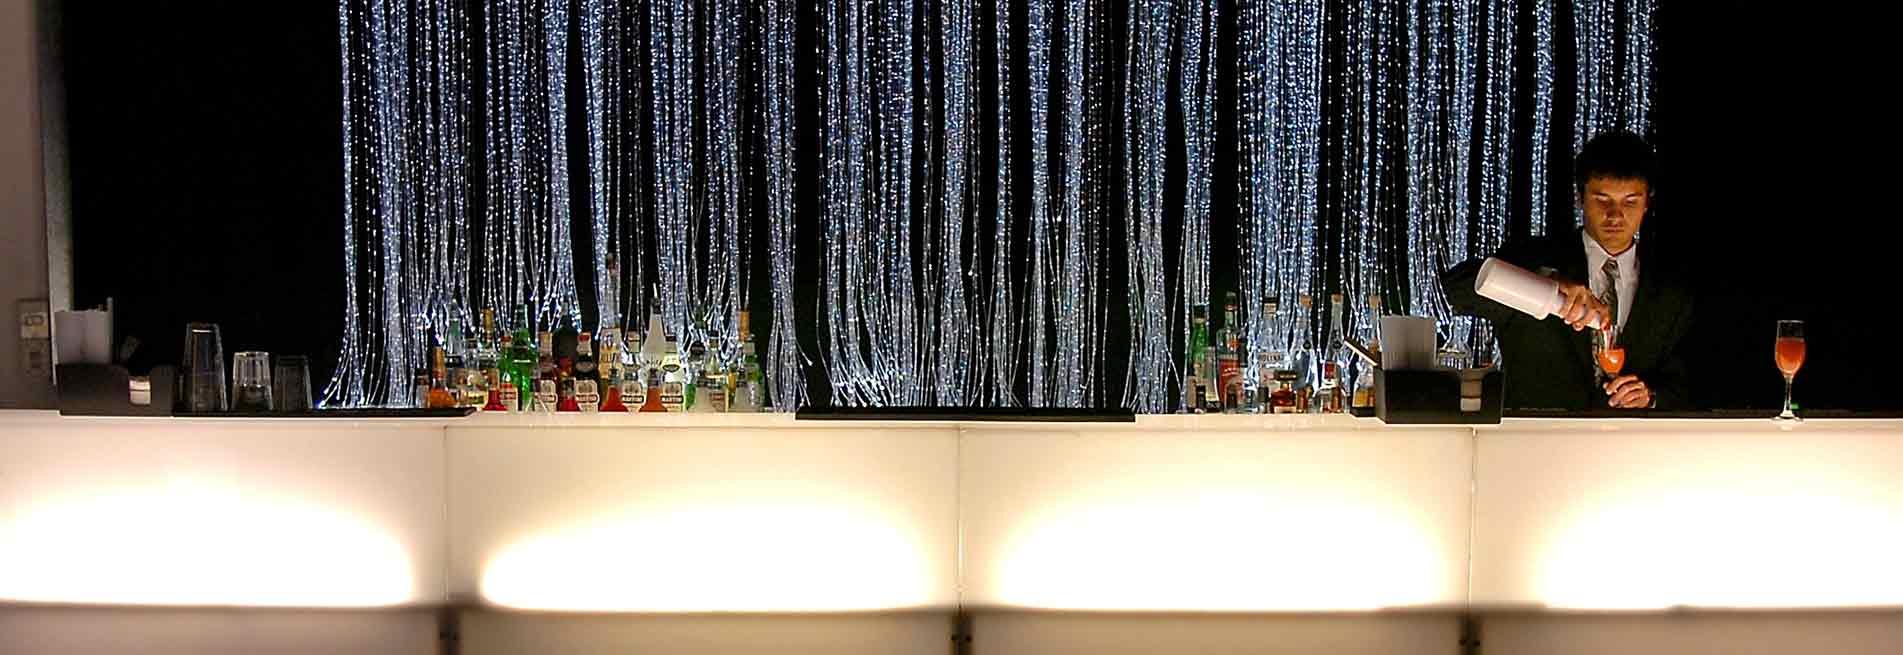 Open Bar, luci ed effetti speciali per il tuo evento - Catering BON TON Pietrini